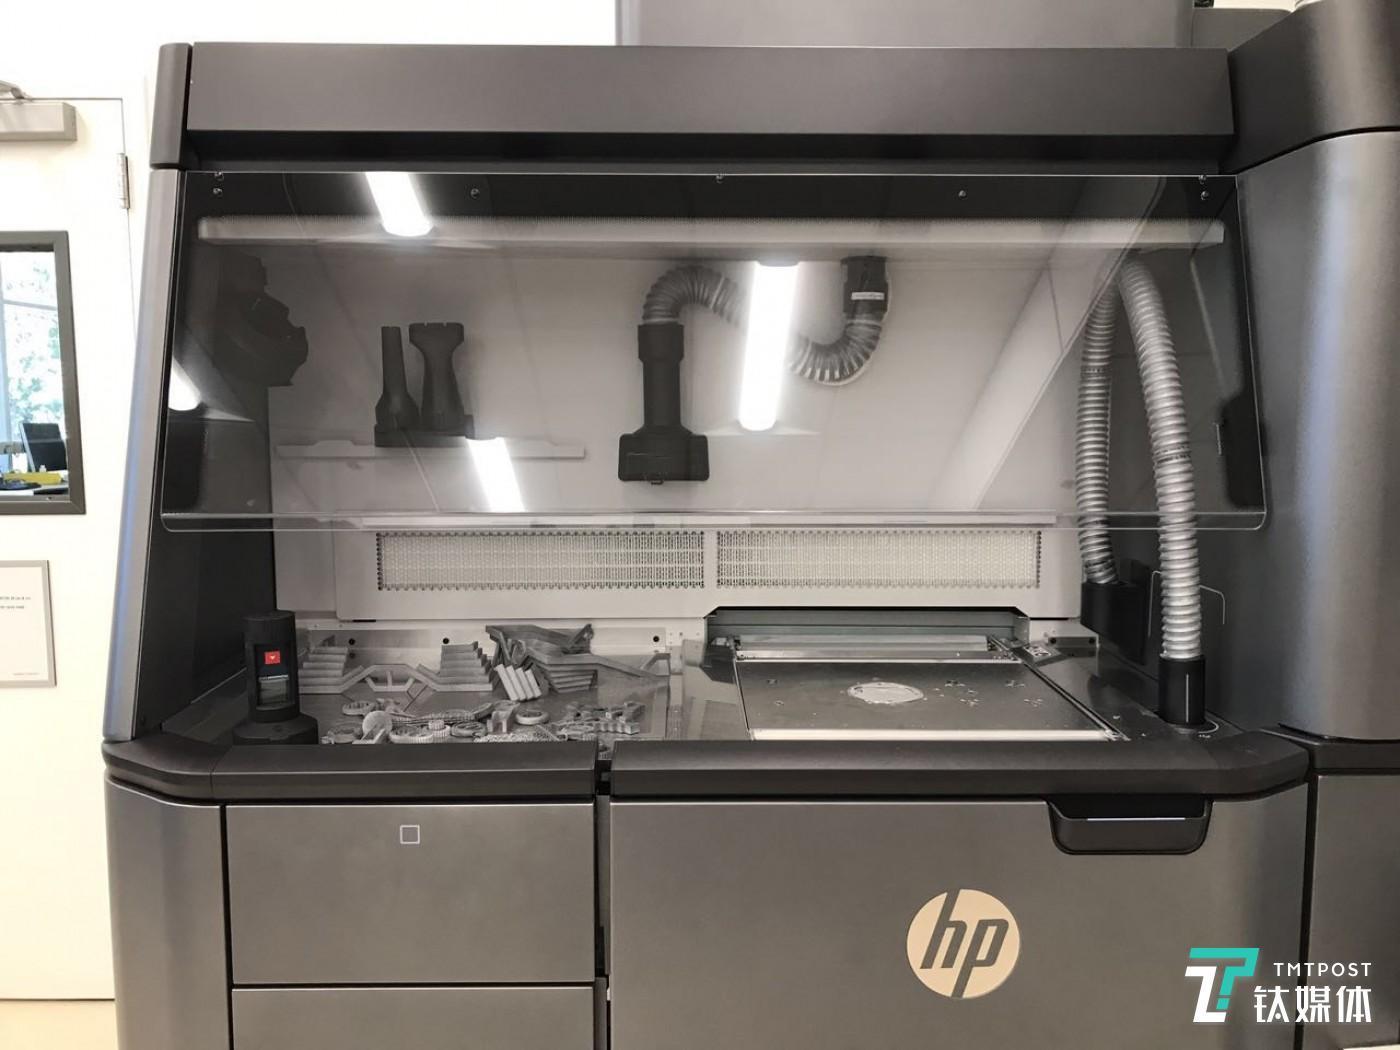 惠普实验室工作人员介绍,MJF 4200 机器本身的多数零部件就是通过3D打印完成